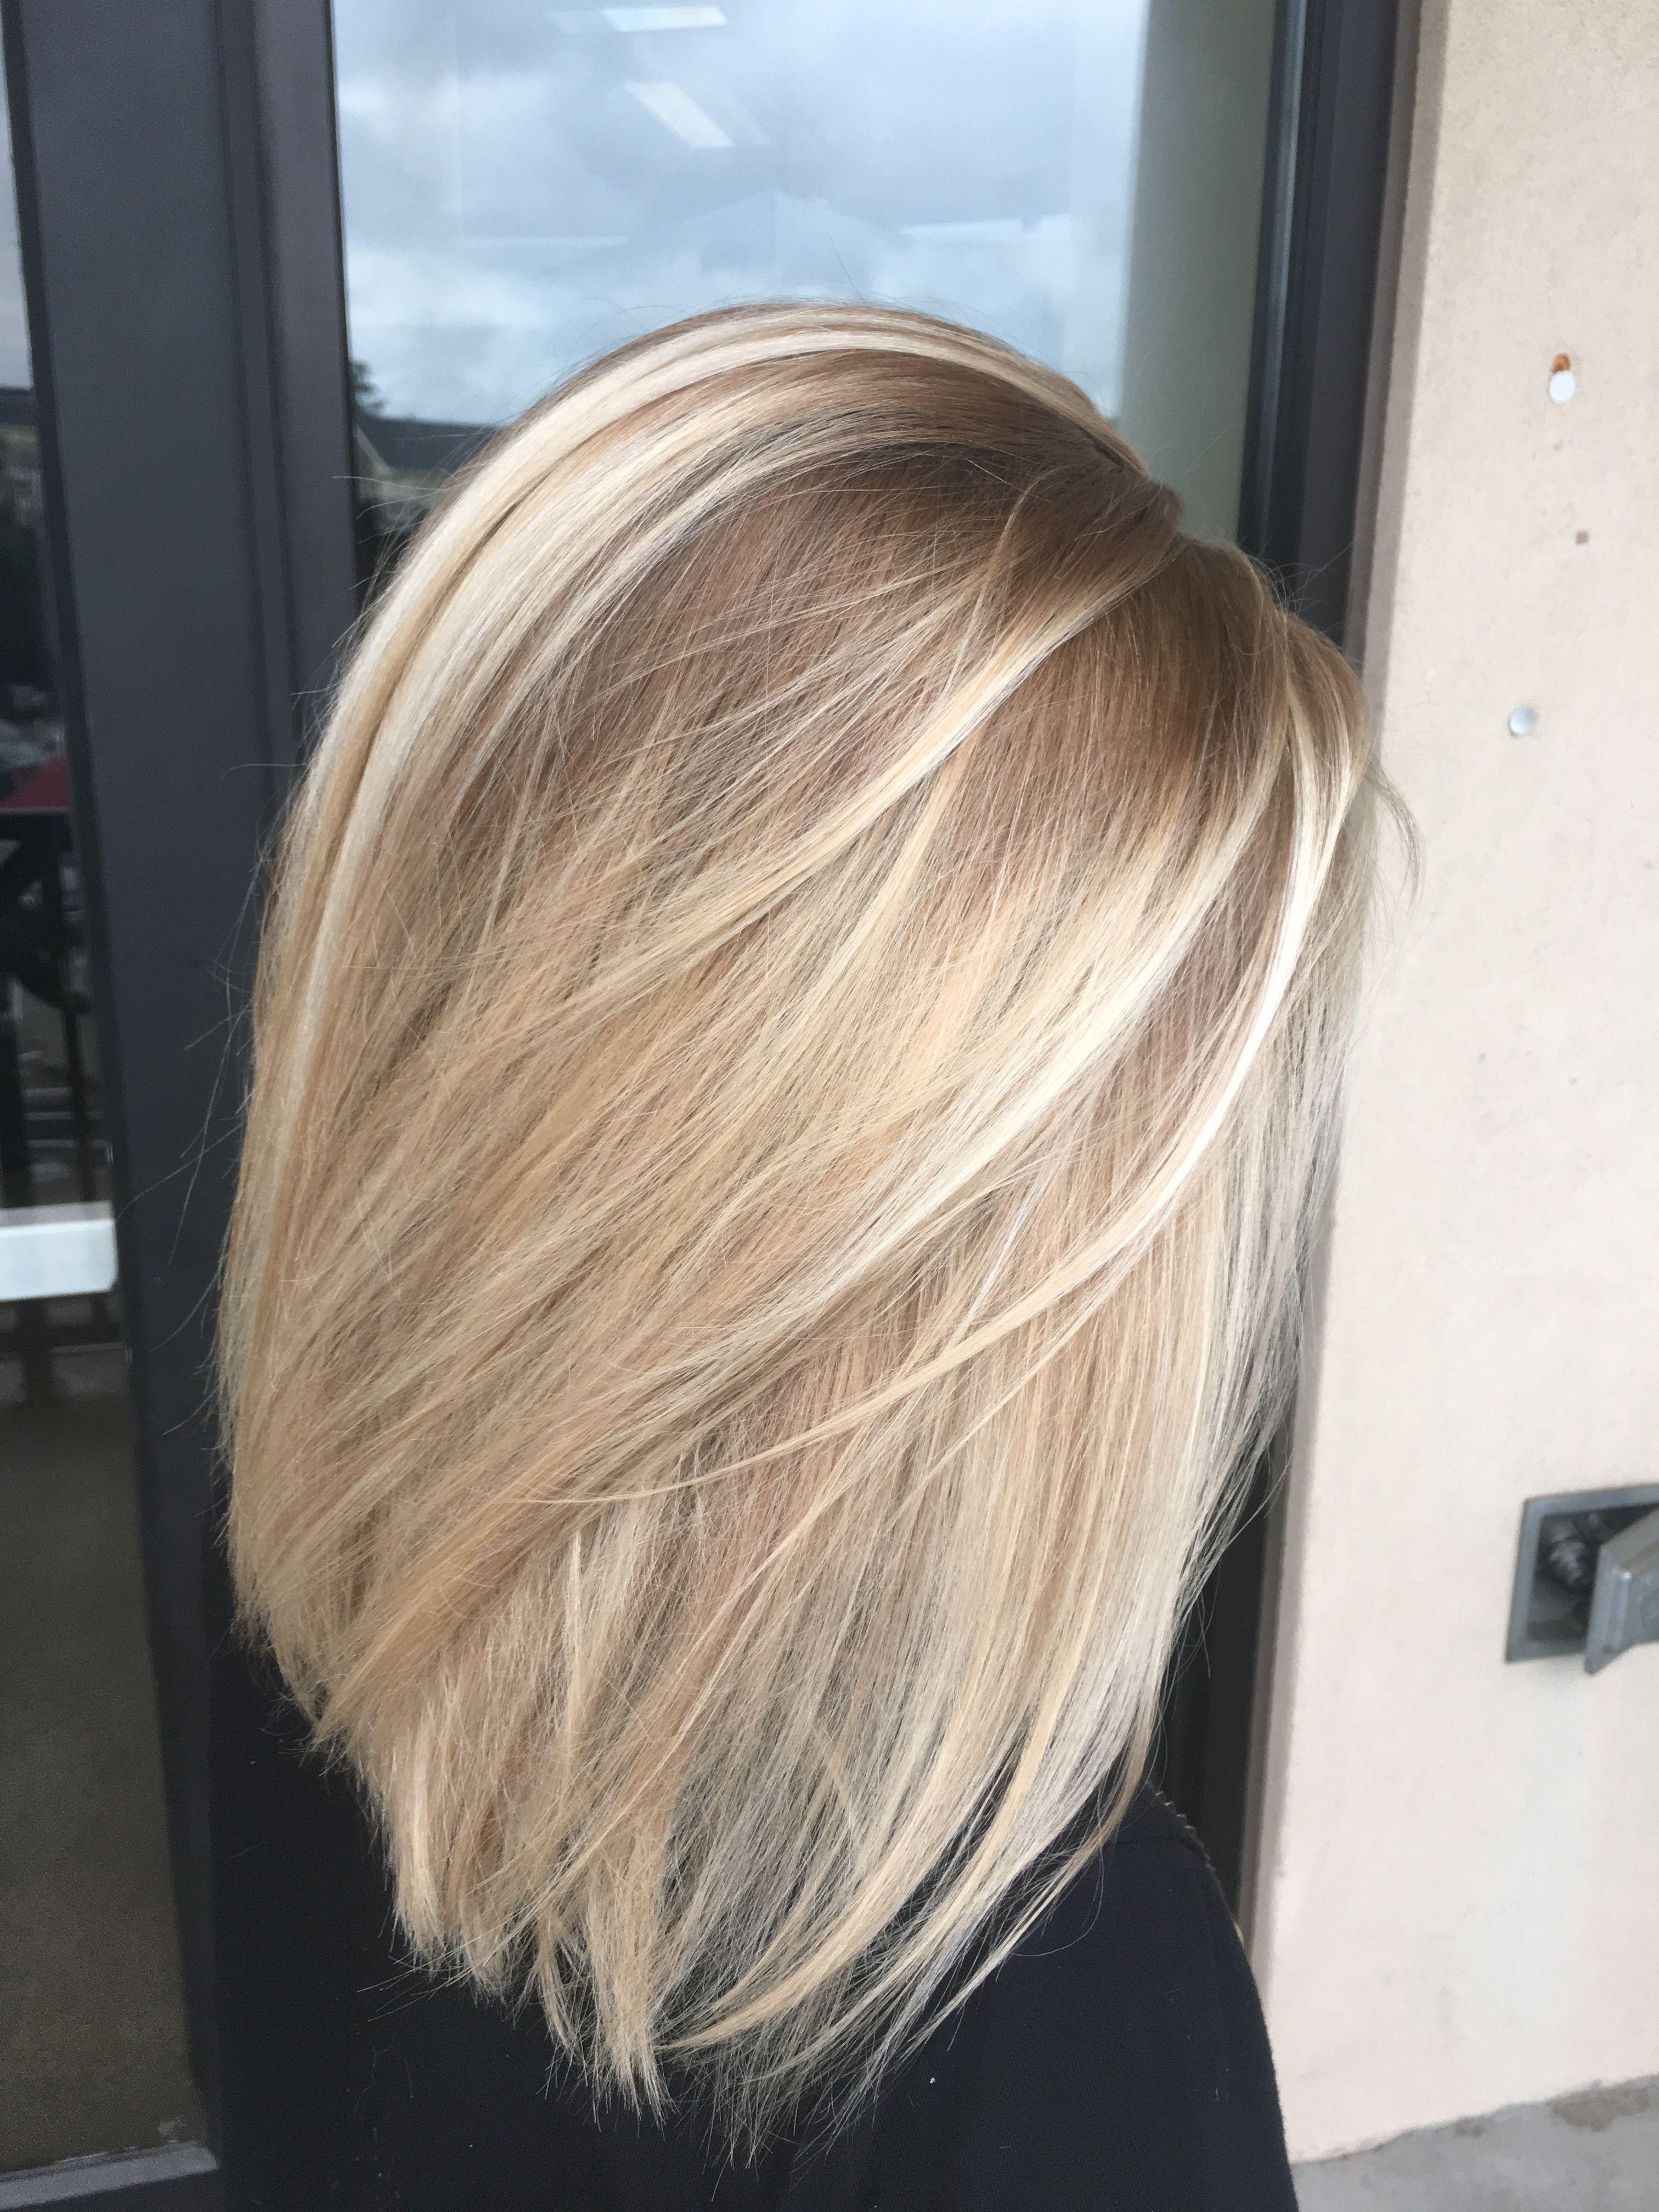 Blonde hair Shadow root Dark to blonde Hair & makeup